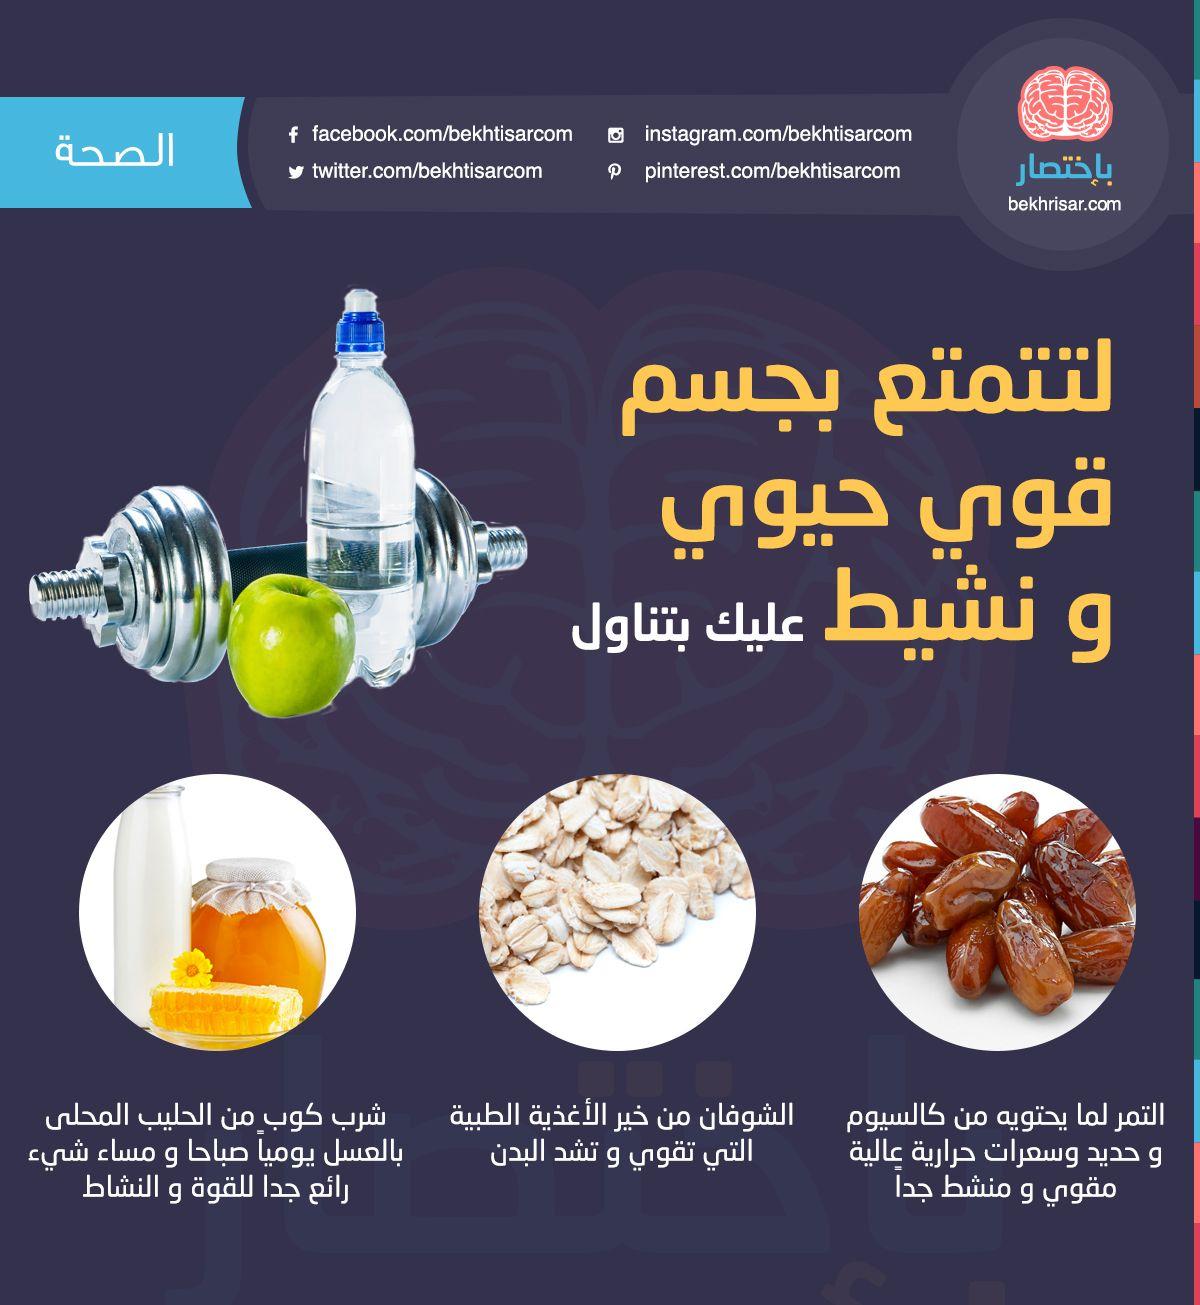 تحلم بجسم قوي حيوي و نشيط باختصار جسم قوي حيوي نشيط تناول التمر الش Health Fitness Nutrition Health And Nutrition Health Food